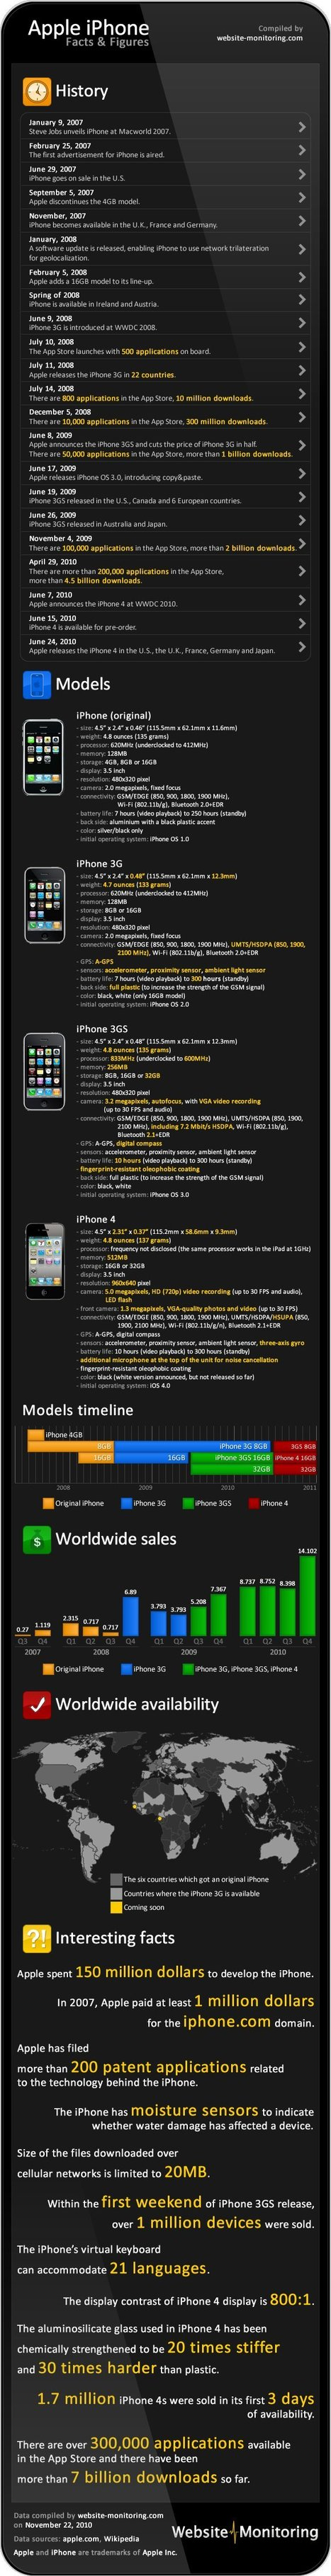 L'histoire de l'iPhone   Information visualization   Scoop.it